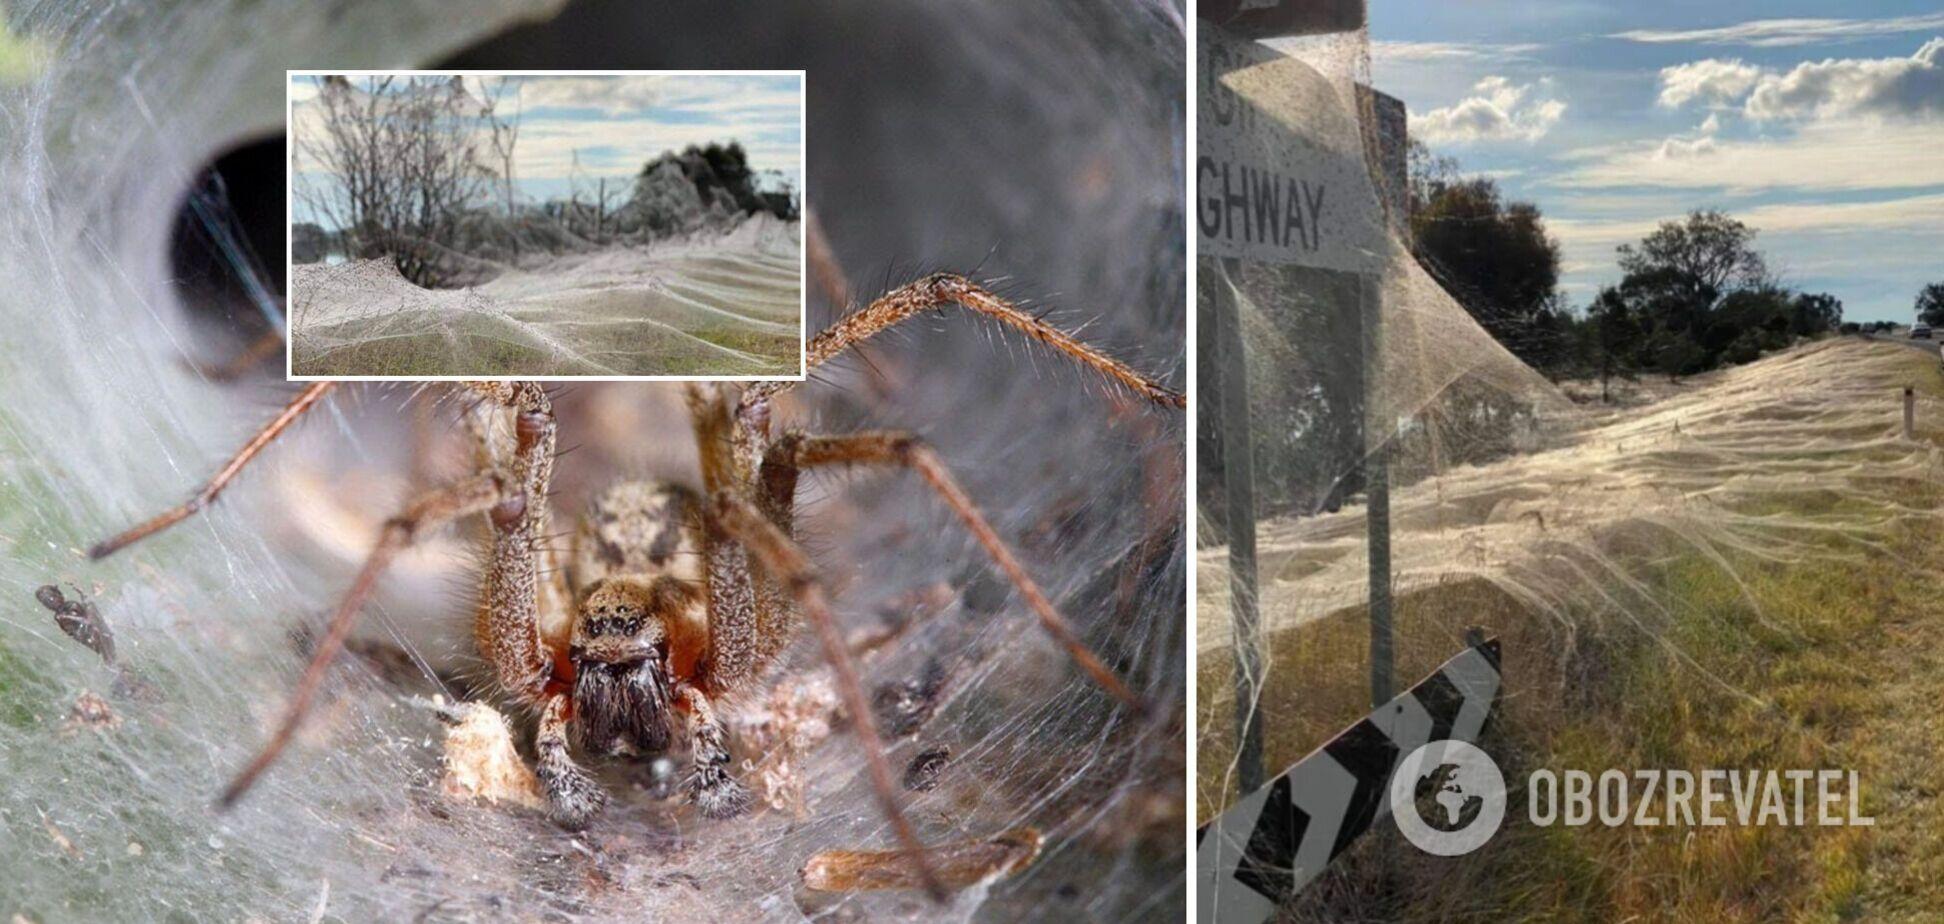 В Австралии тысячи пауков покрыли гигантской паутиной целый штат. Фото и видео